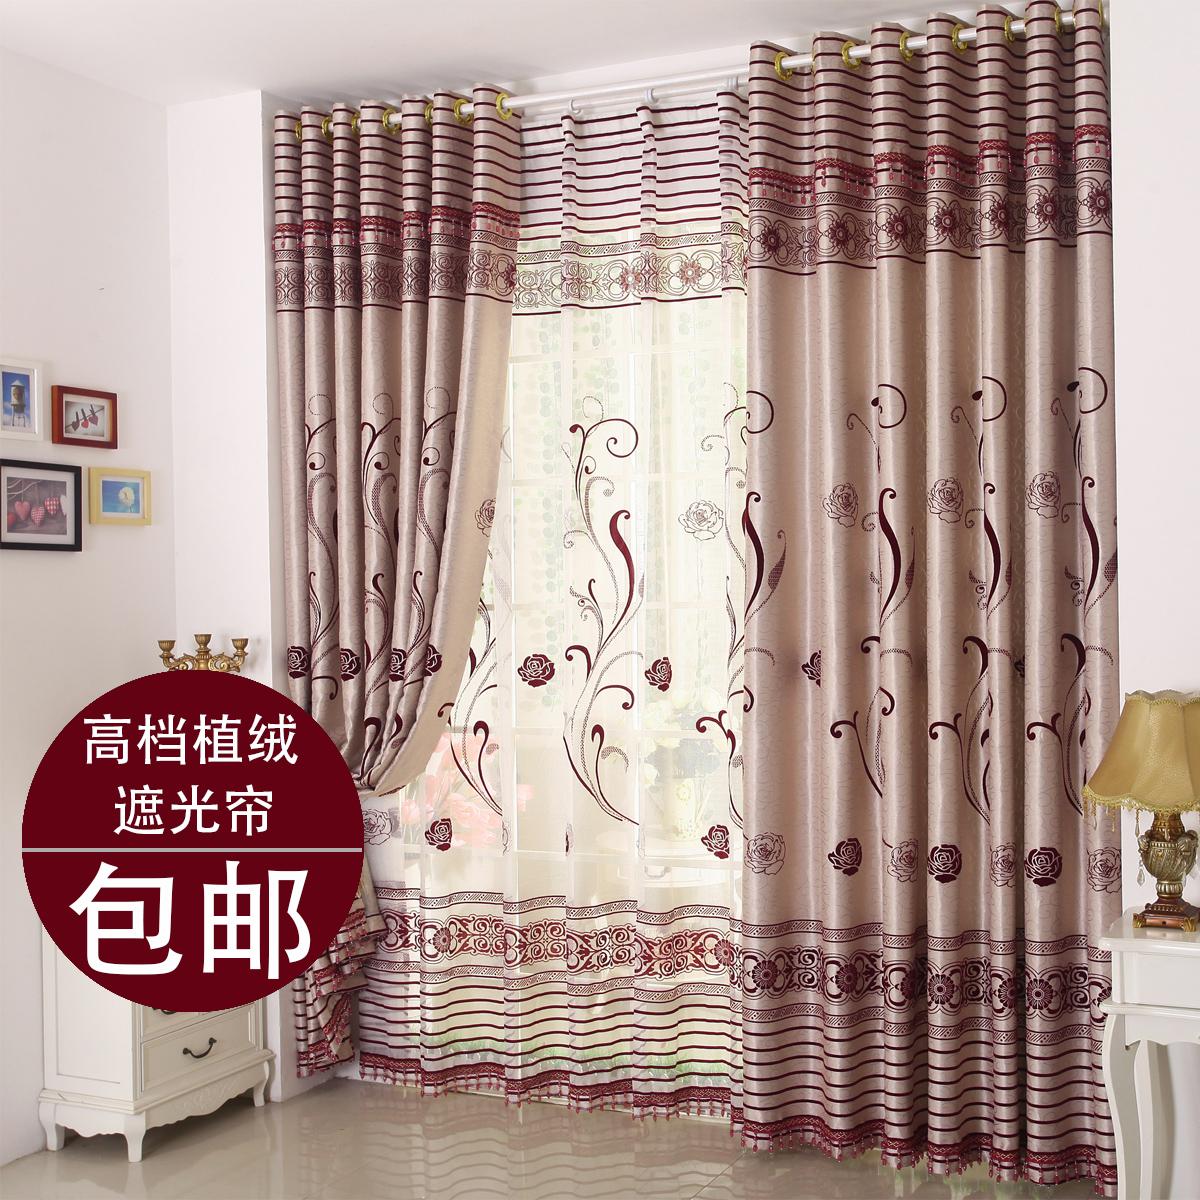 Janela cortina moderna sala de estar fashion apagão Moda impressão rebanho qualidade tarja triagem nova chegada margem esquerda(China (Mainland))